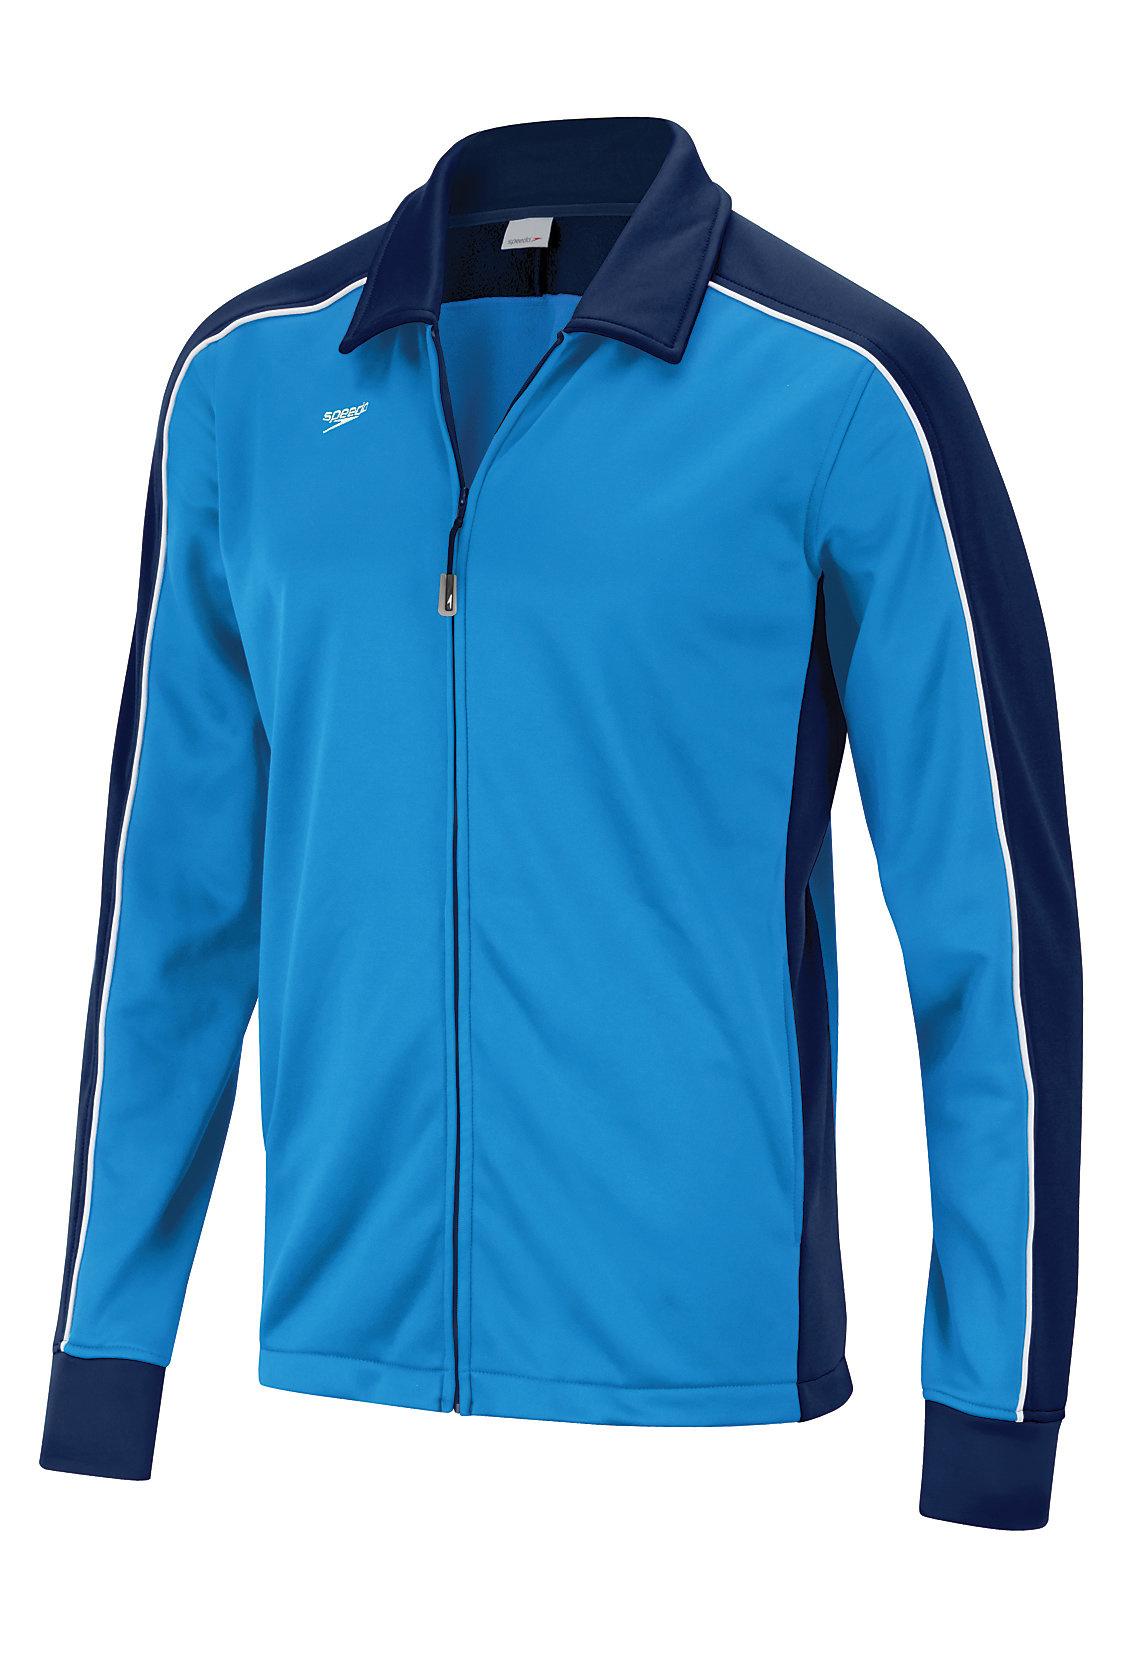 Speedo Streamline Warm Up Jacket